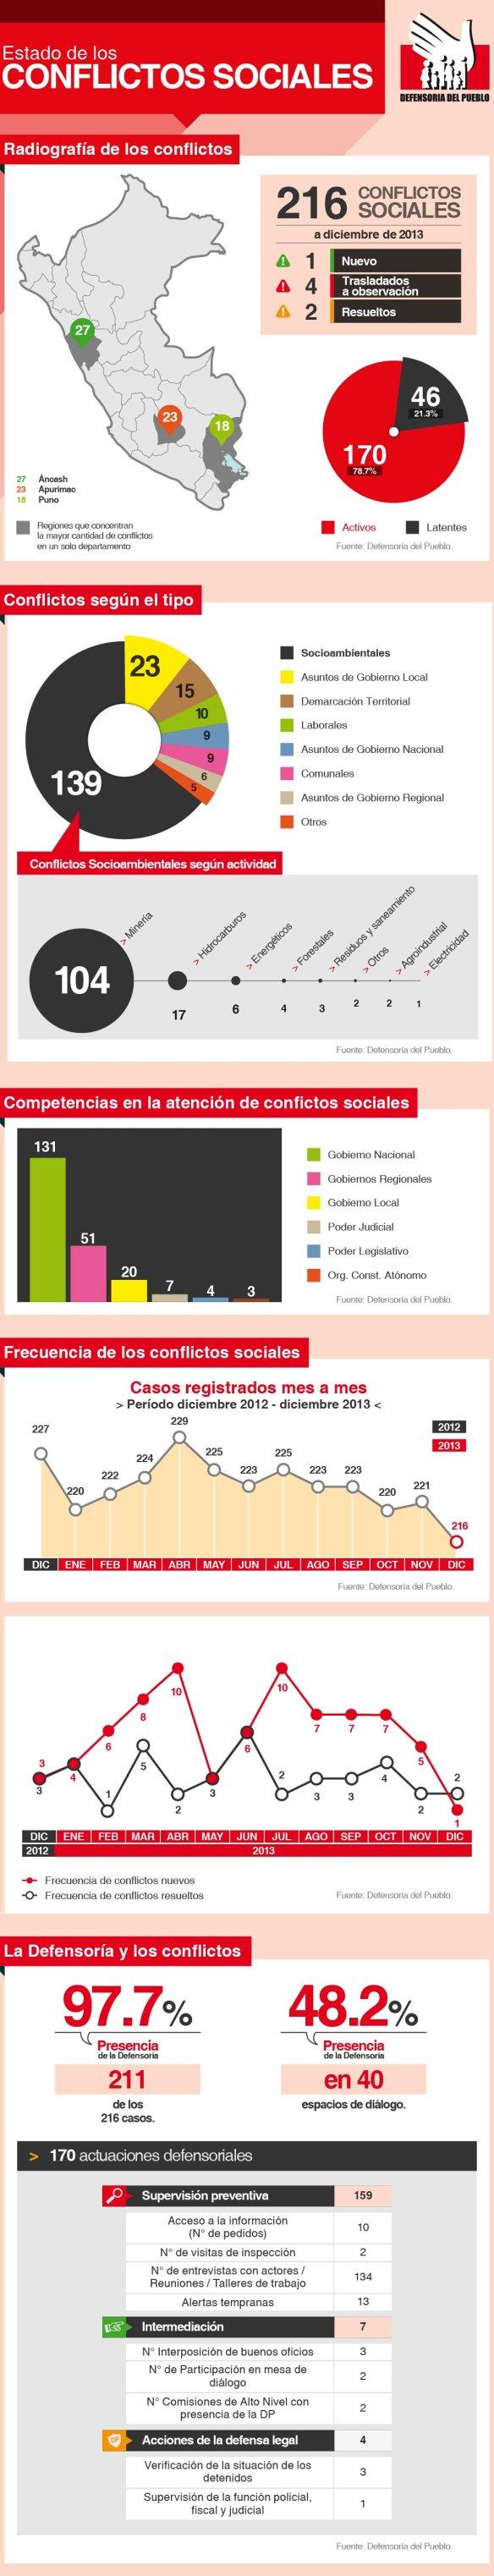 infografia-reporte de conflictos sociales-118